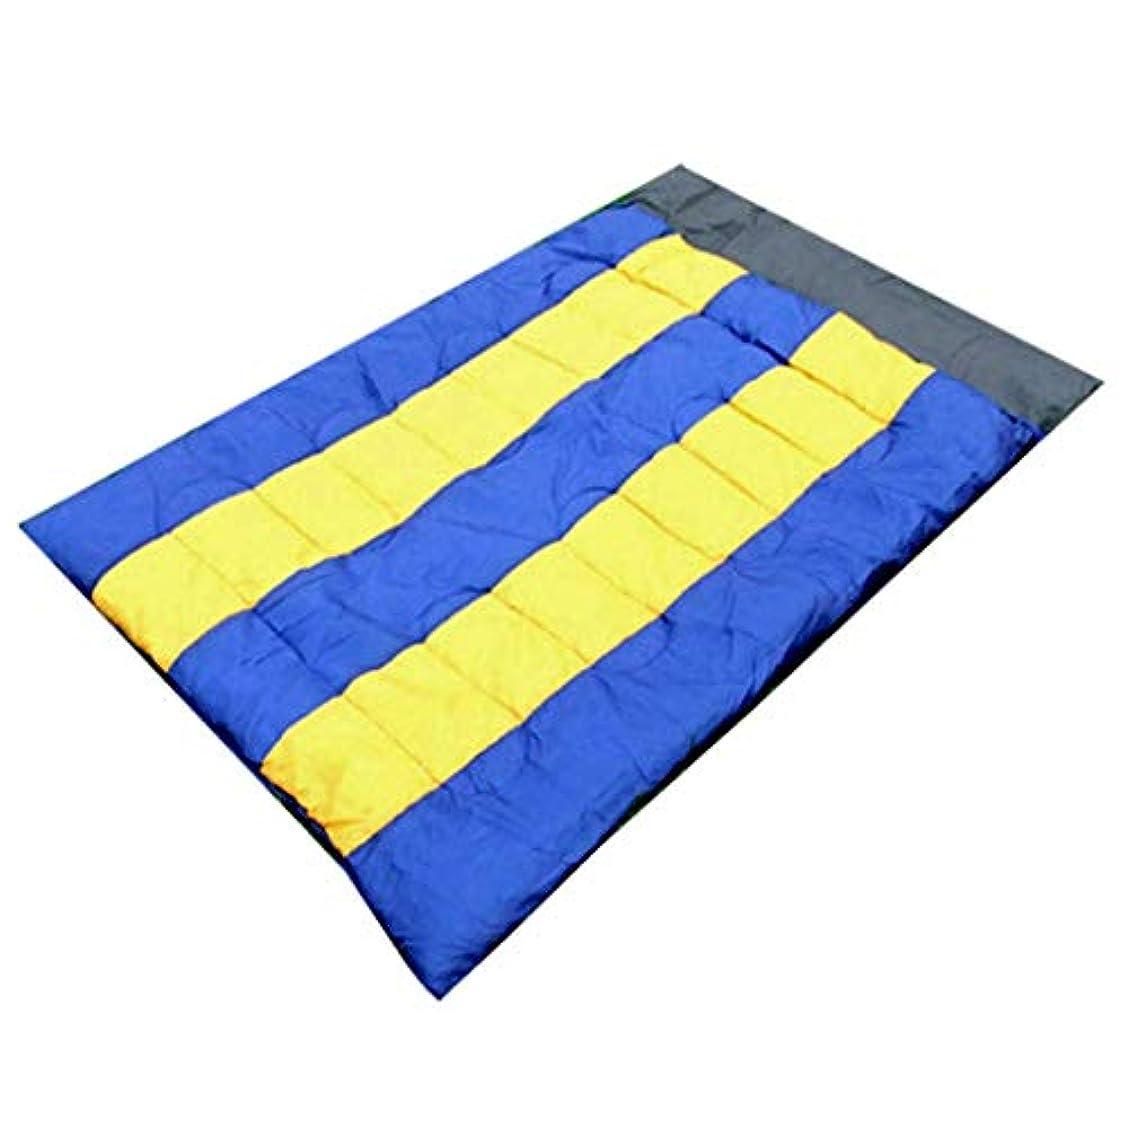 はねかける雪の強制的CATRP 軽量 エンベロープ 寝袋 アウトドア 旅行 カップル 特大 ダブル キャンプ (色 : Blue+Yellow)